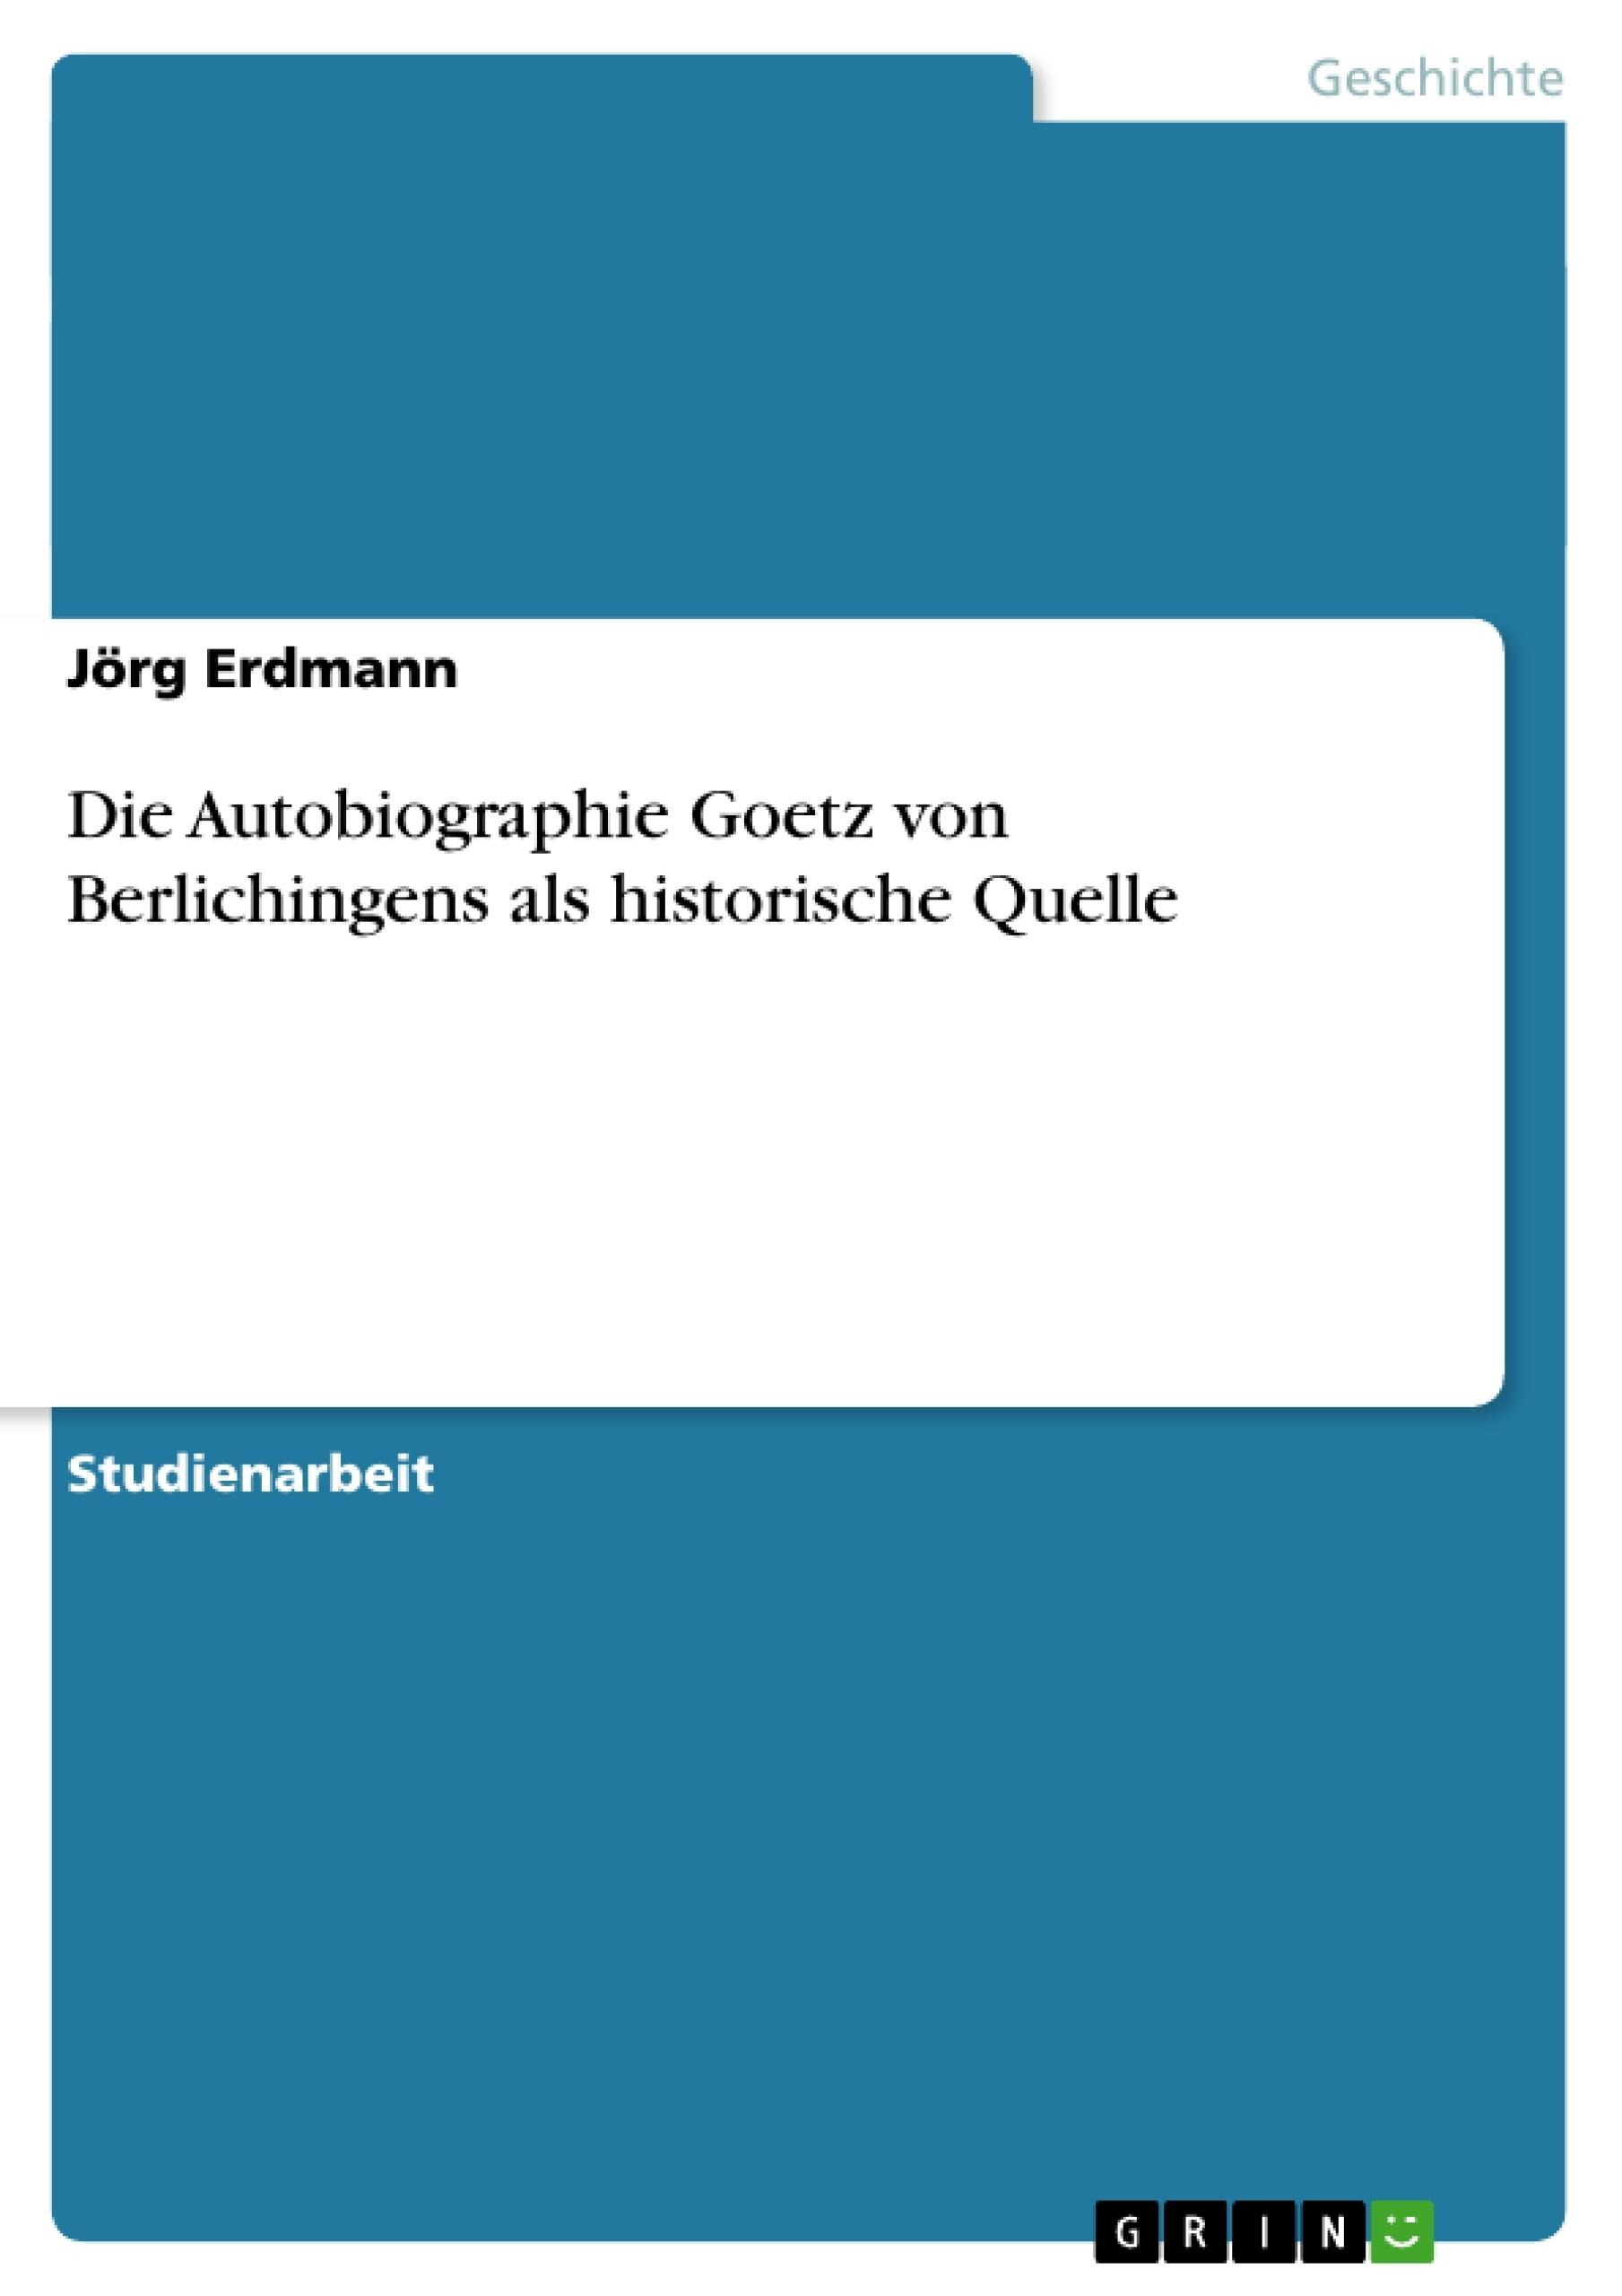 Titel: Die Autobiographie Goetz von Berlichingens als historische Quelle